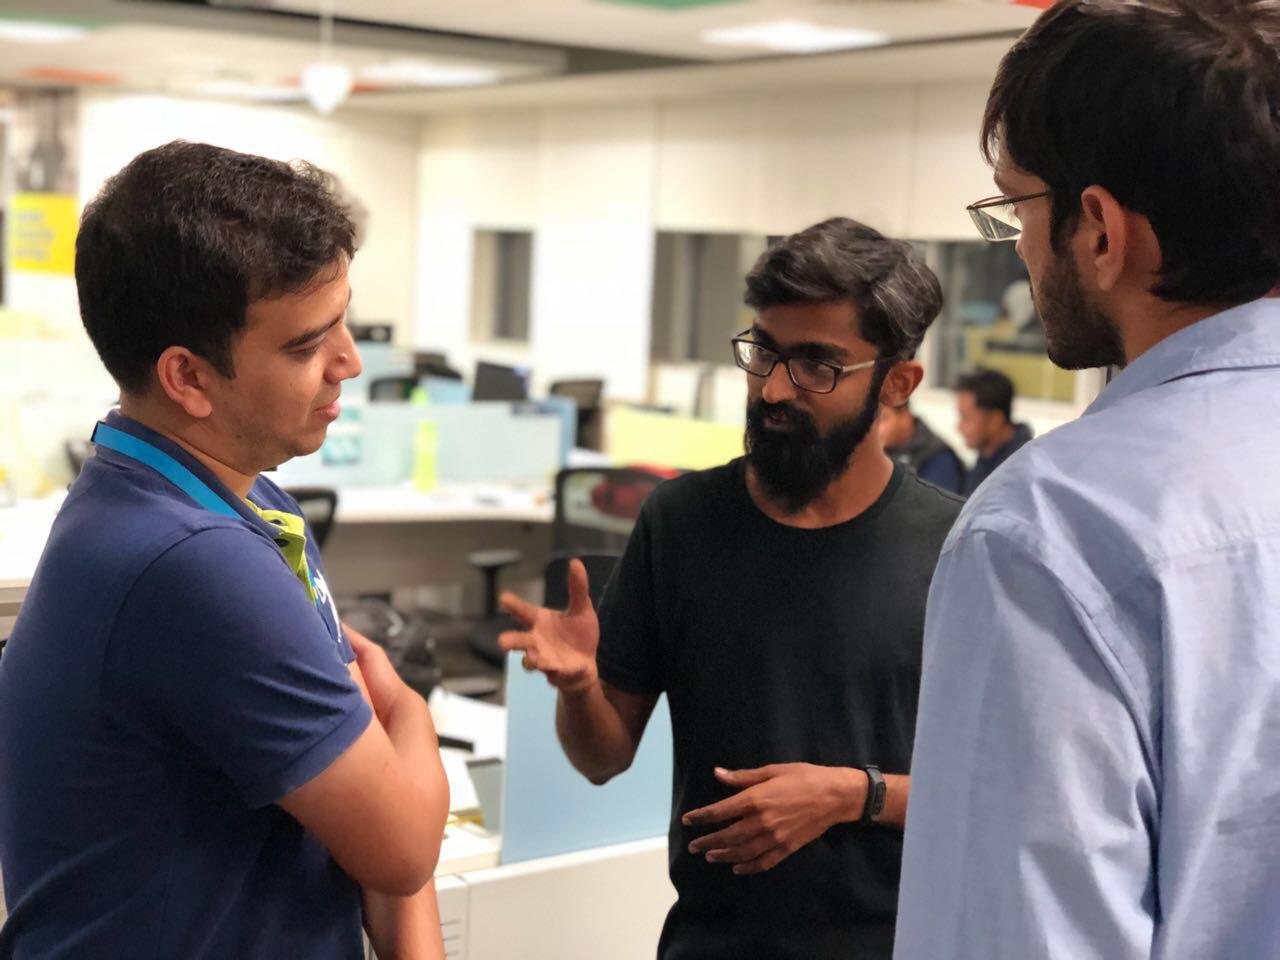 Product Design Team members